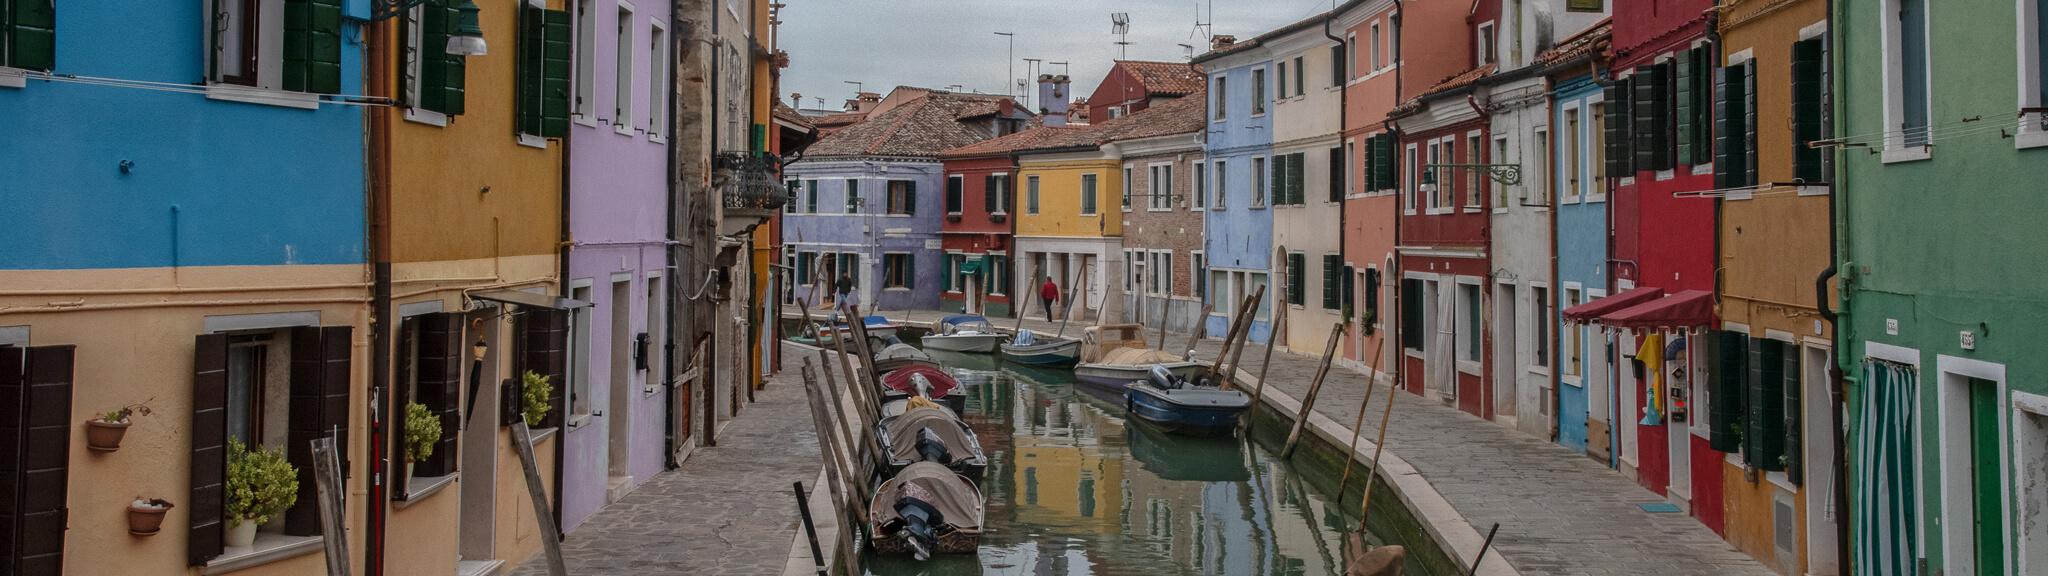 Burano Lagune von Venedig